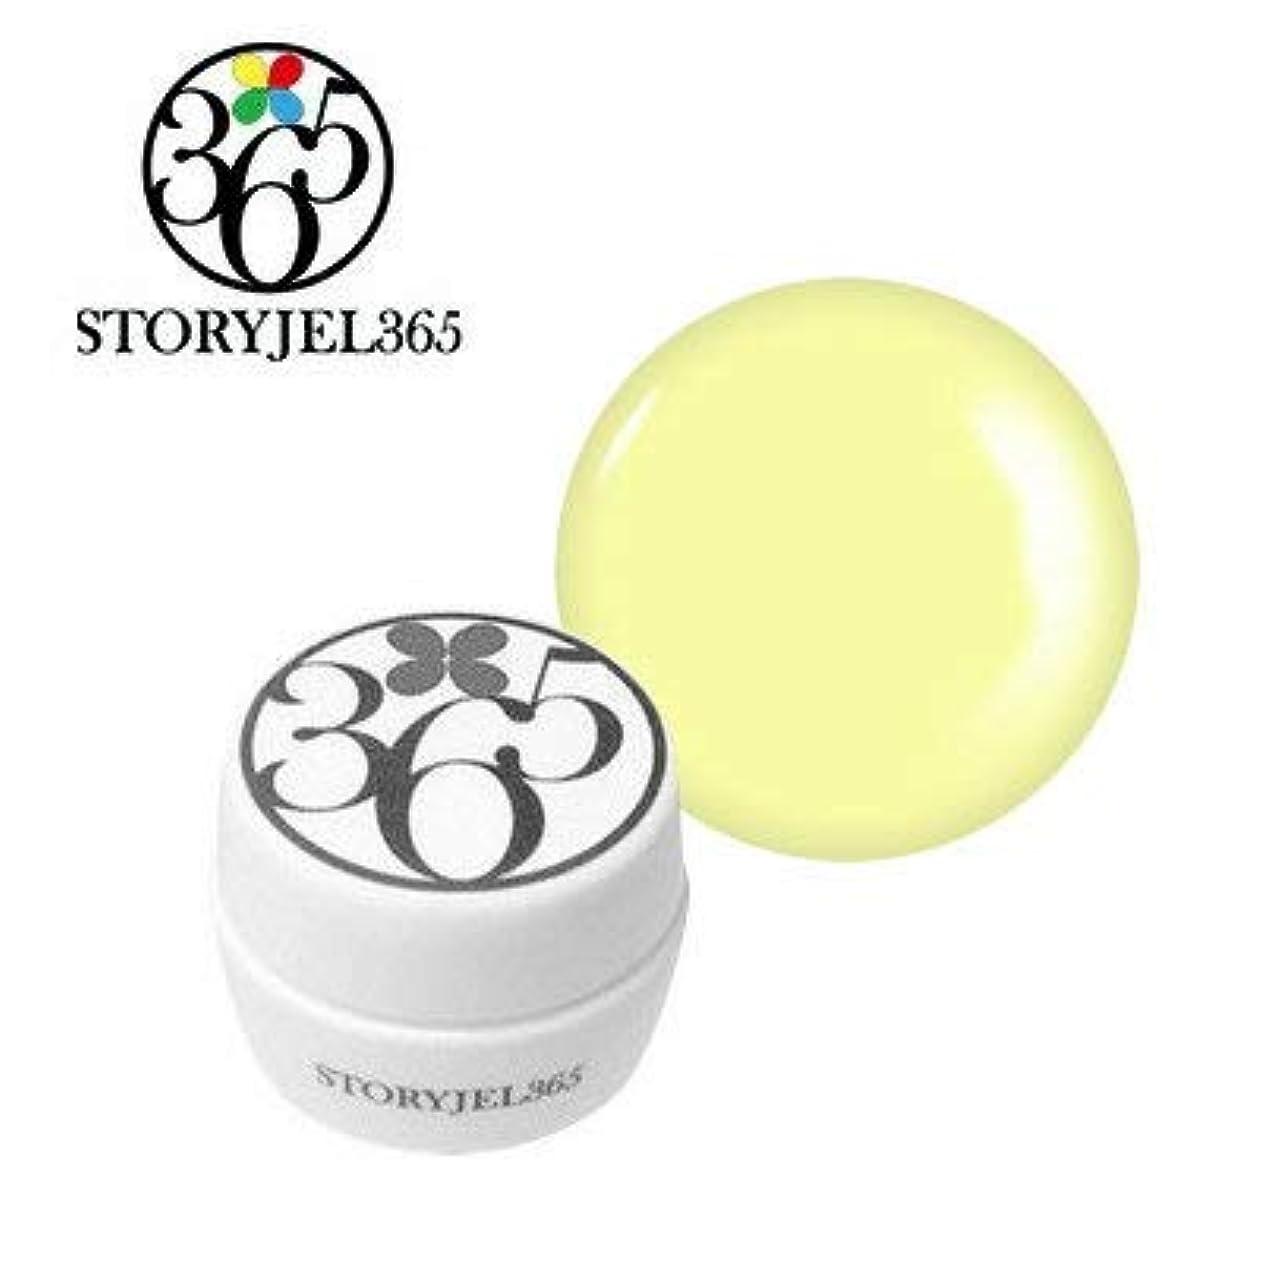 ストライド補助金ナイロンSTORYJEL365 カラージェル 5g (ストーリージェル) SJS-303M-D シトロンクリーム